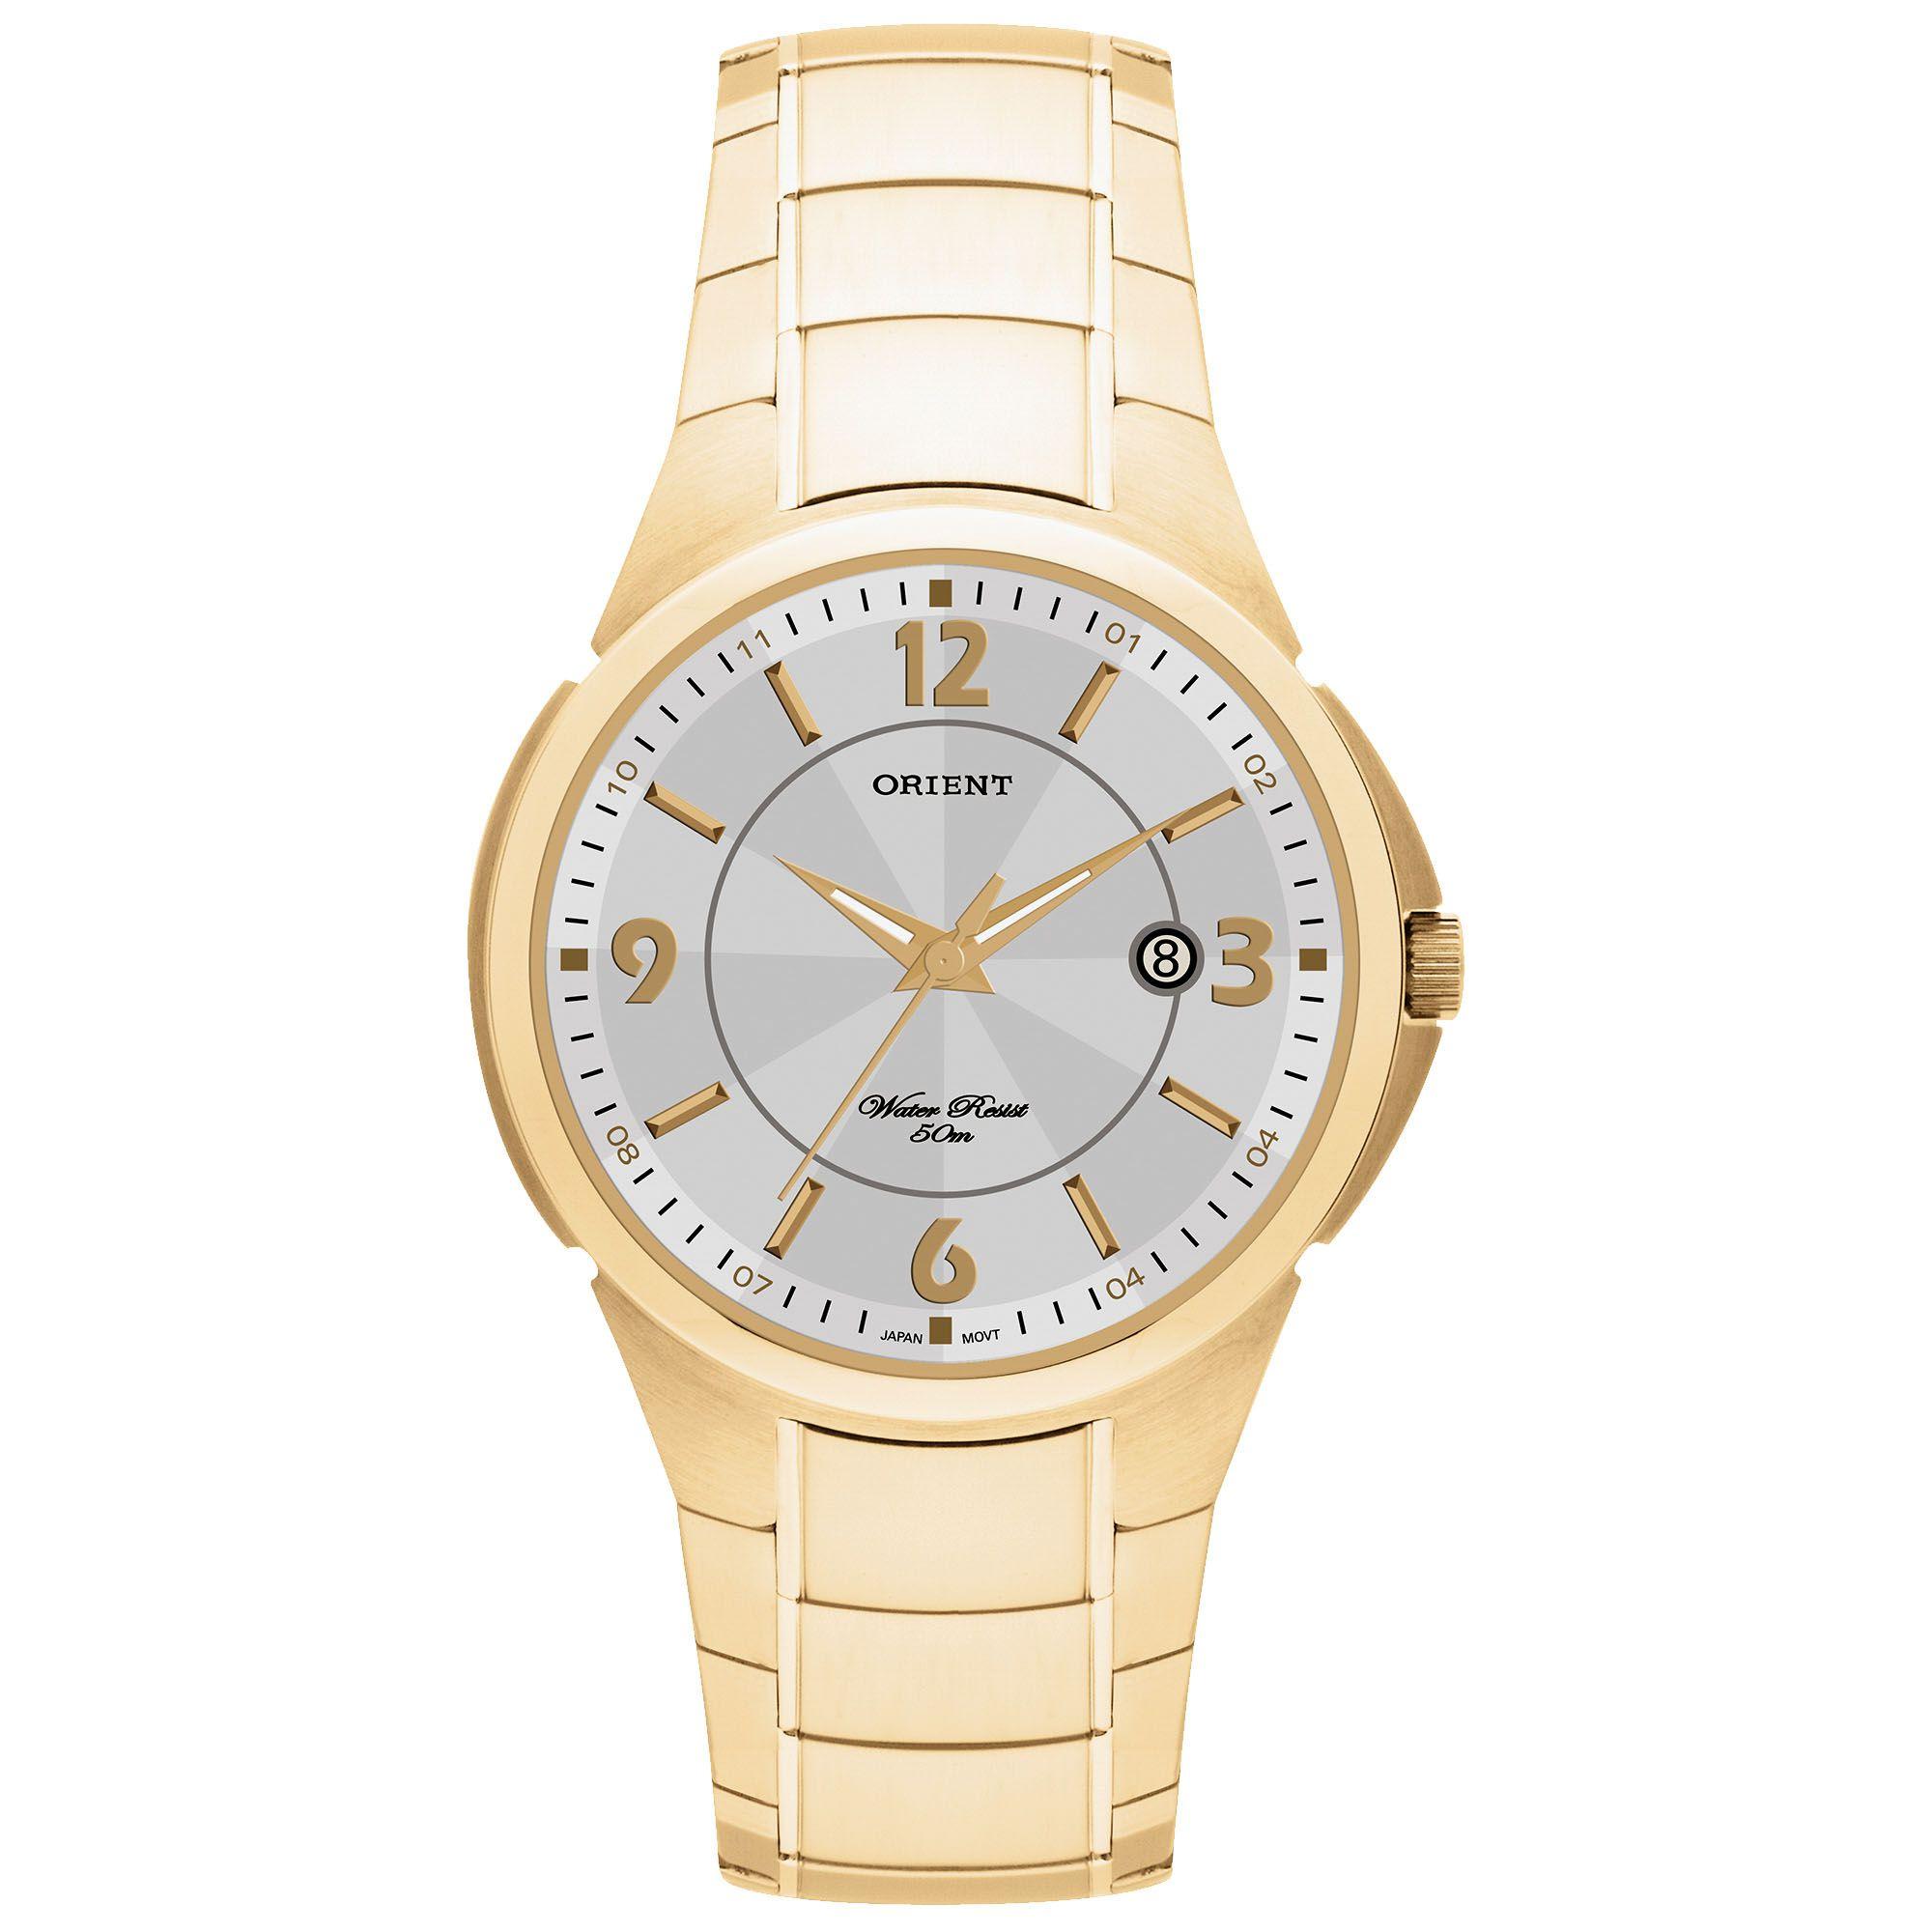 Relógio Masculino Orient MGSS1006 S2KX